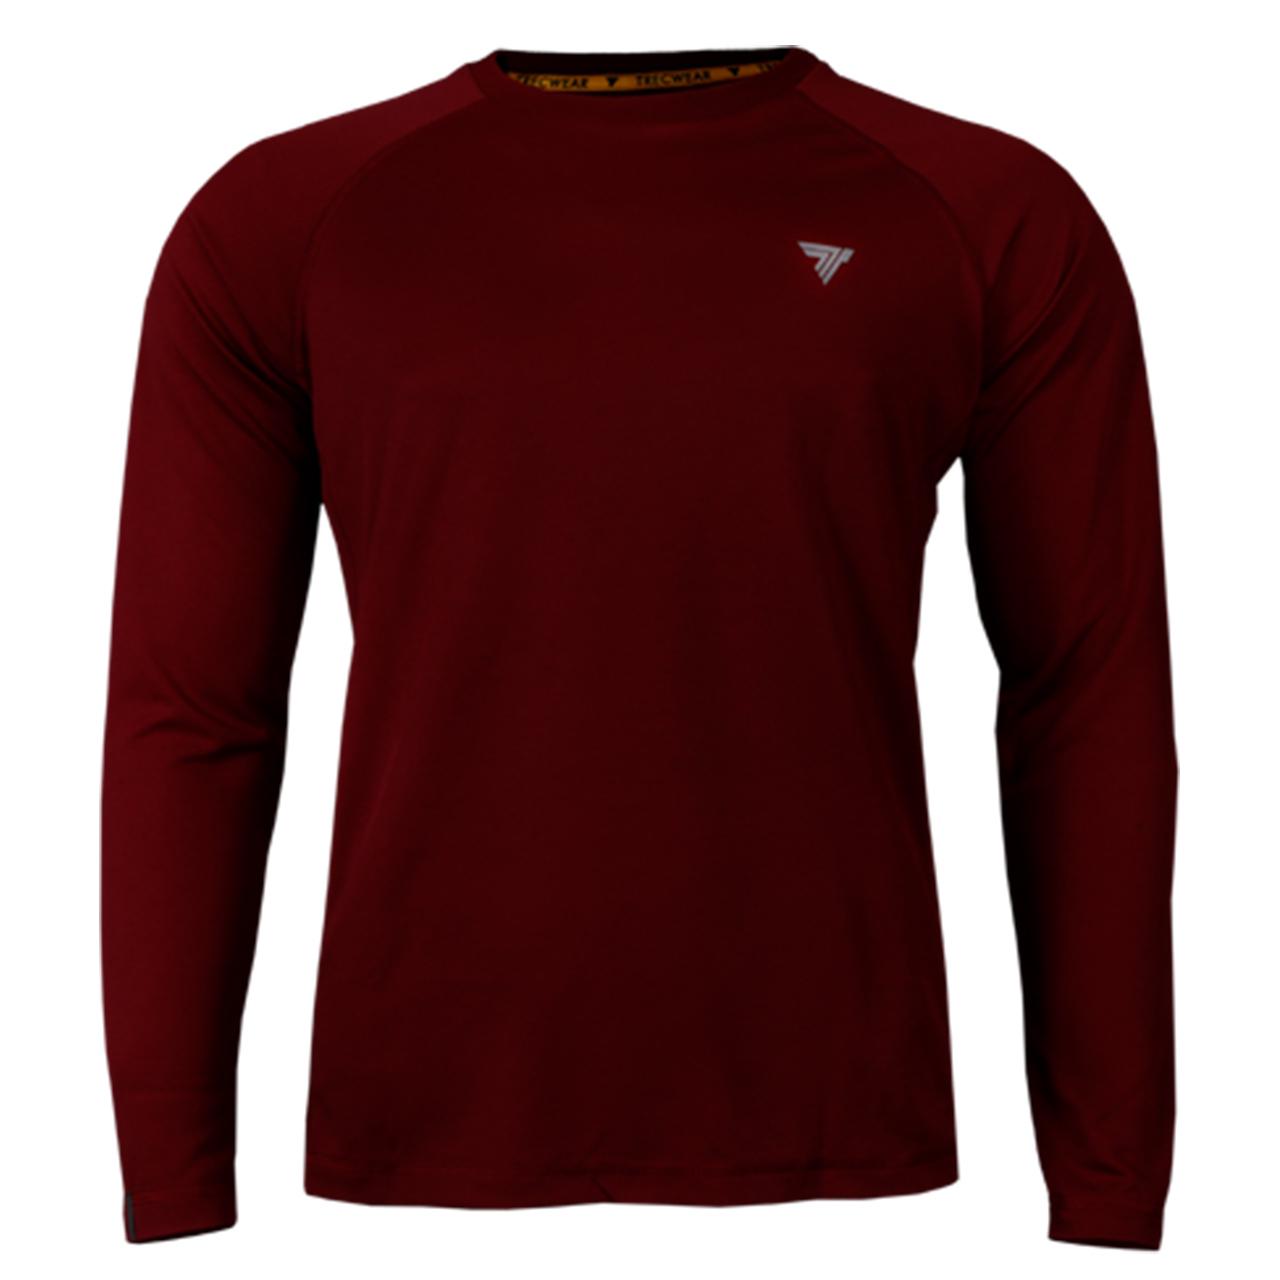 تی شرت آستین بلند مردانه ترک ویر مدل Cooltrec 014 Maroon